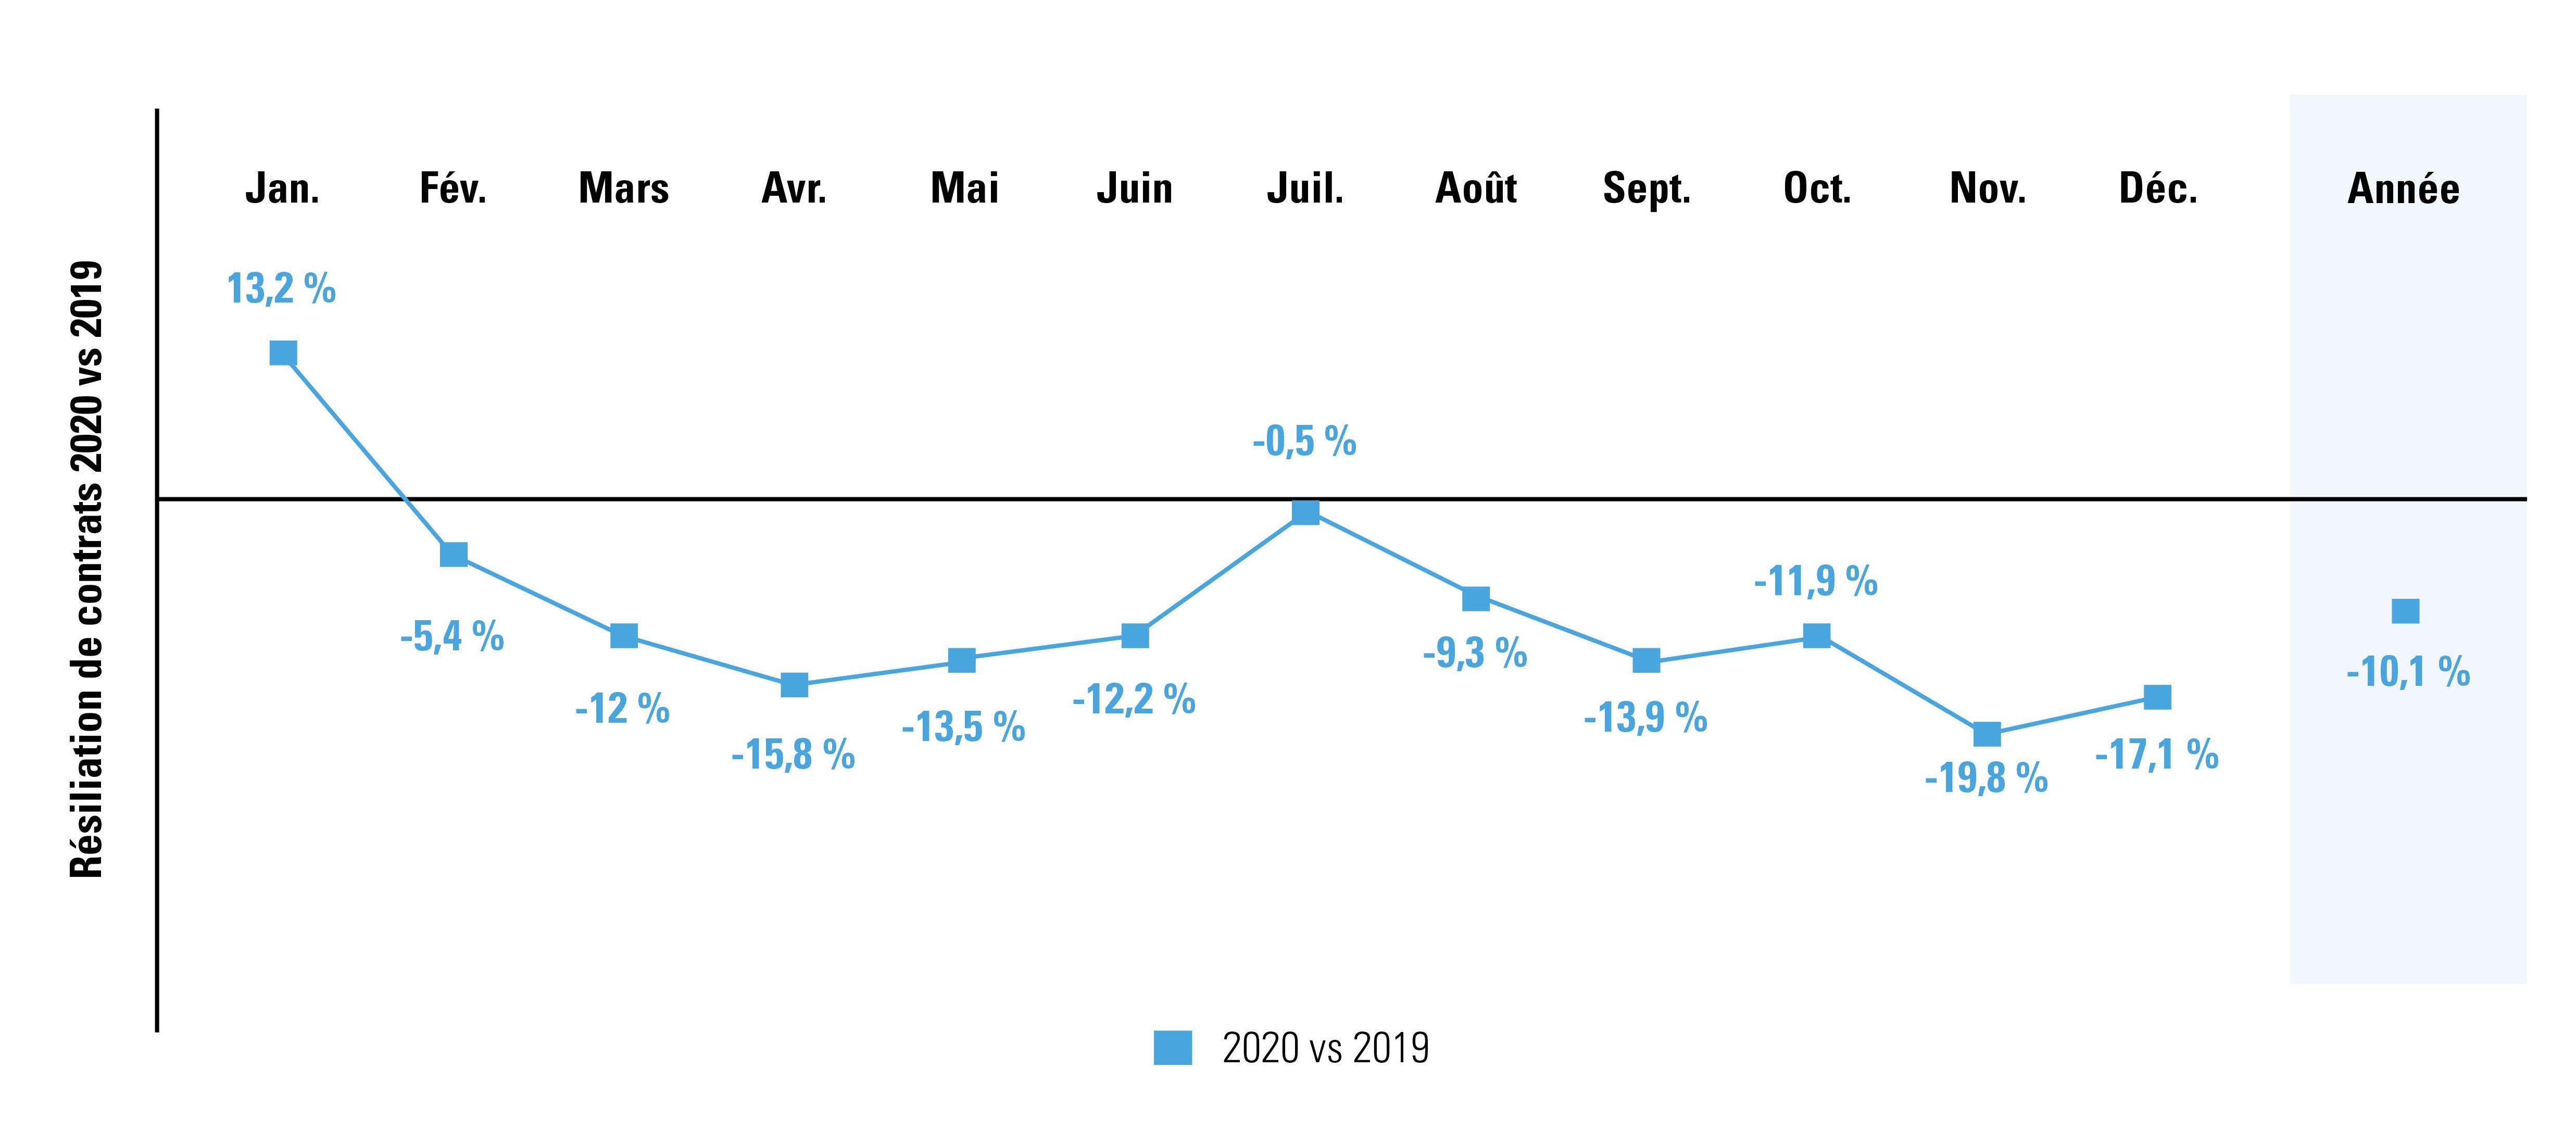 Comparaison du nombre de contrats à durée indéterminée résiliés en 2020 par rapport à 2019